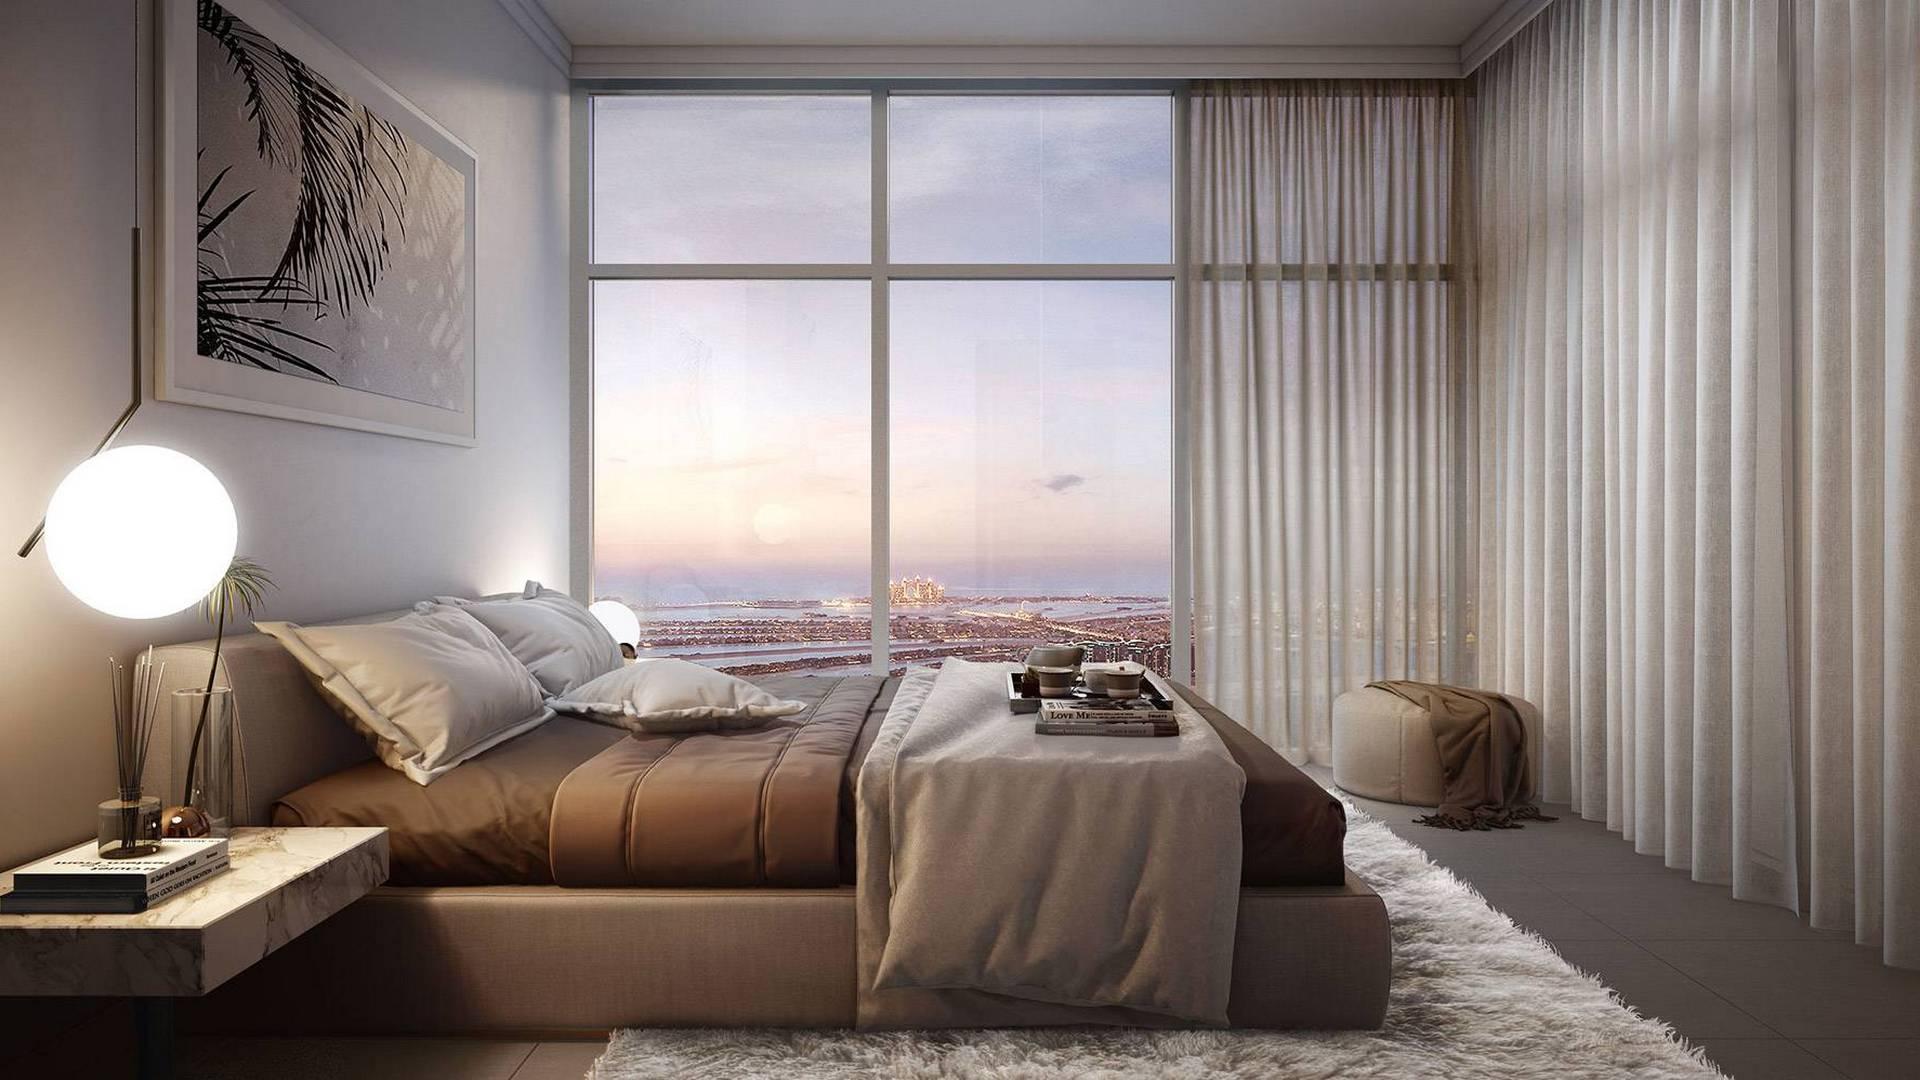 Apartment for sale in Dubai, UAE, 4 bedrooms, 218 m2, No. 23877 – photo 1